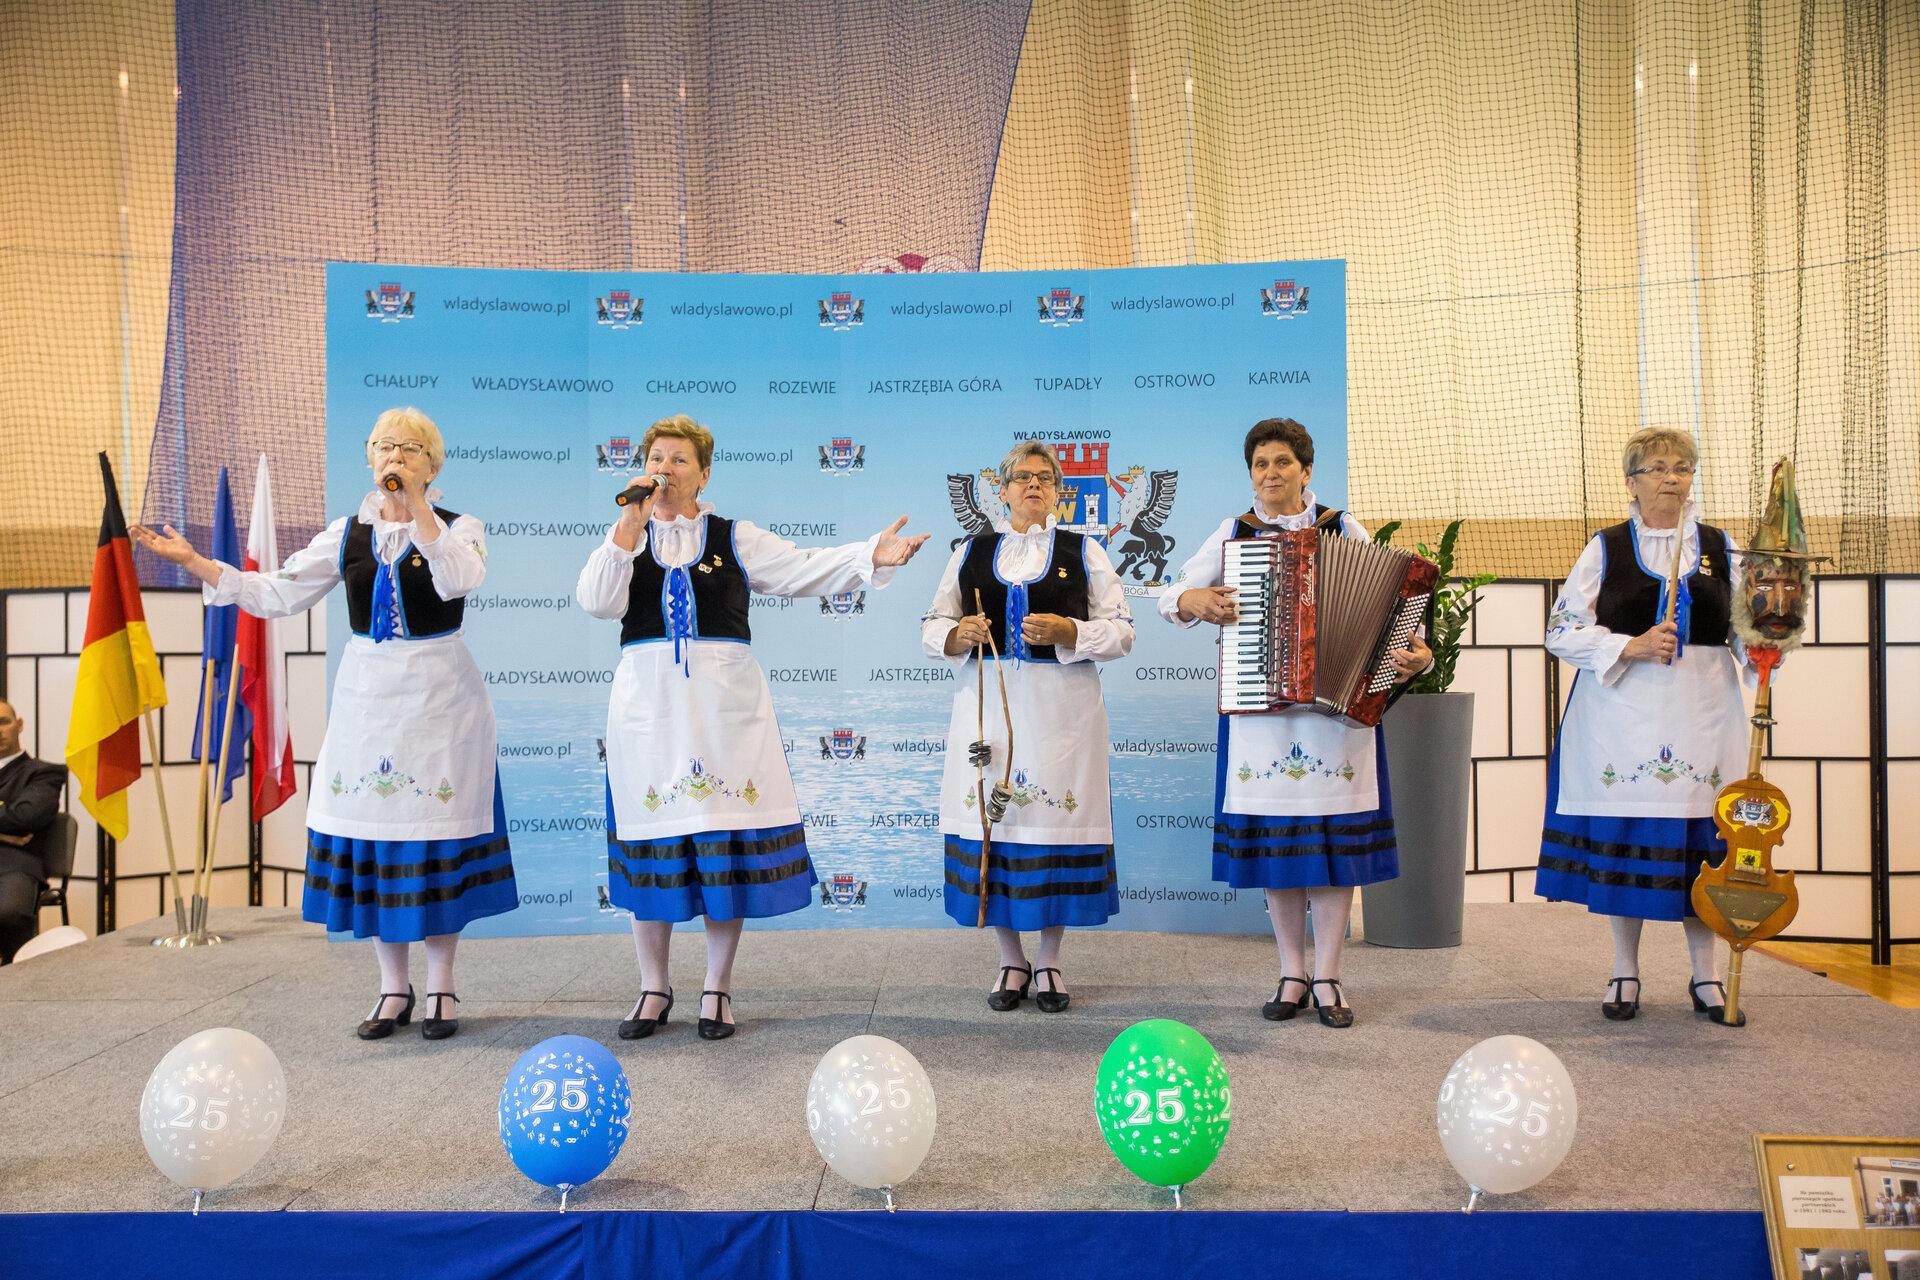 polnische Musikgruppe